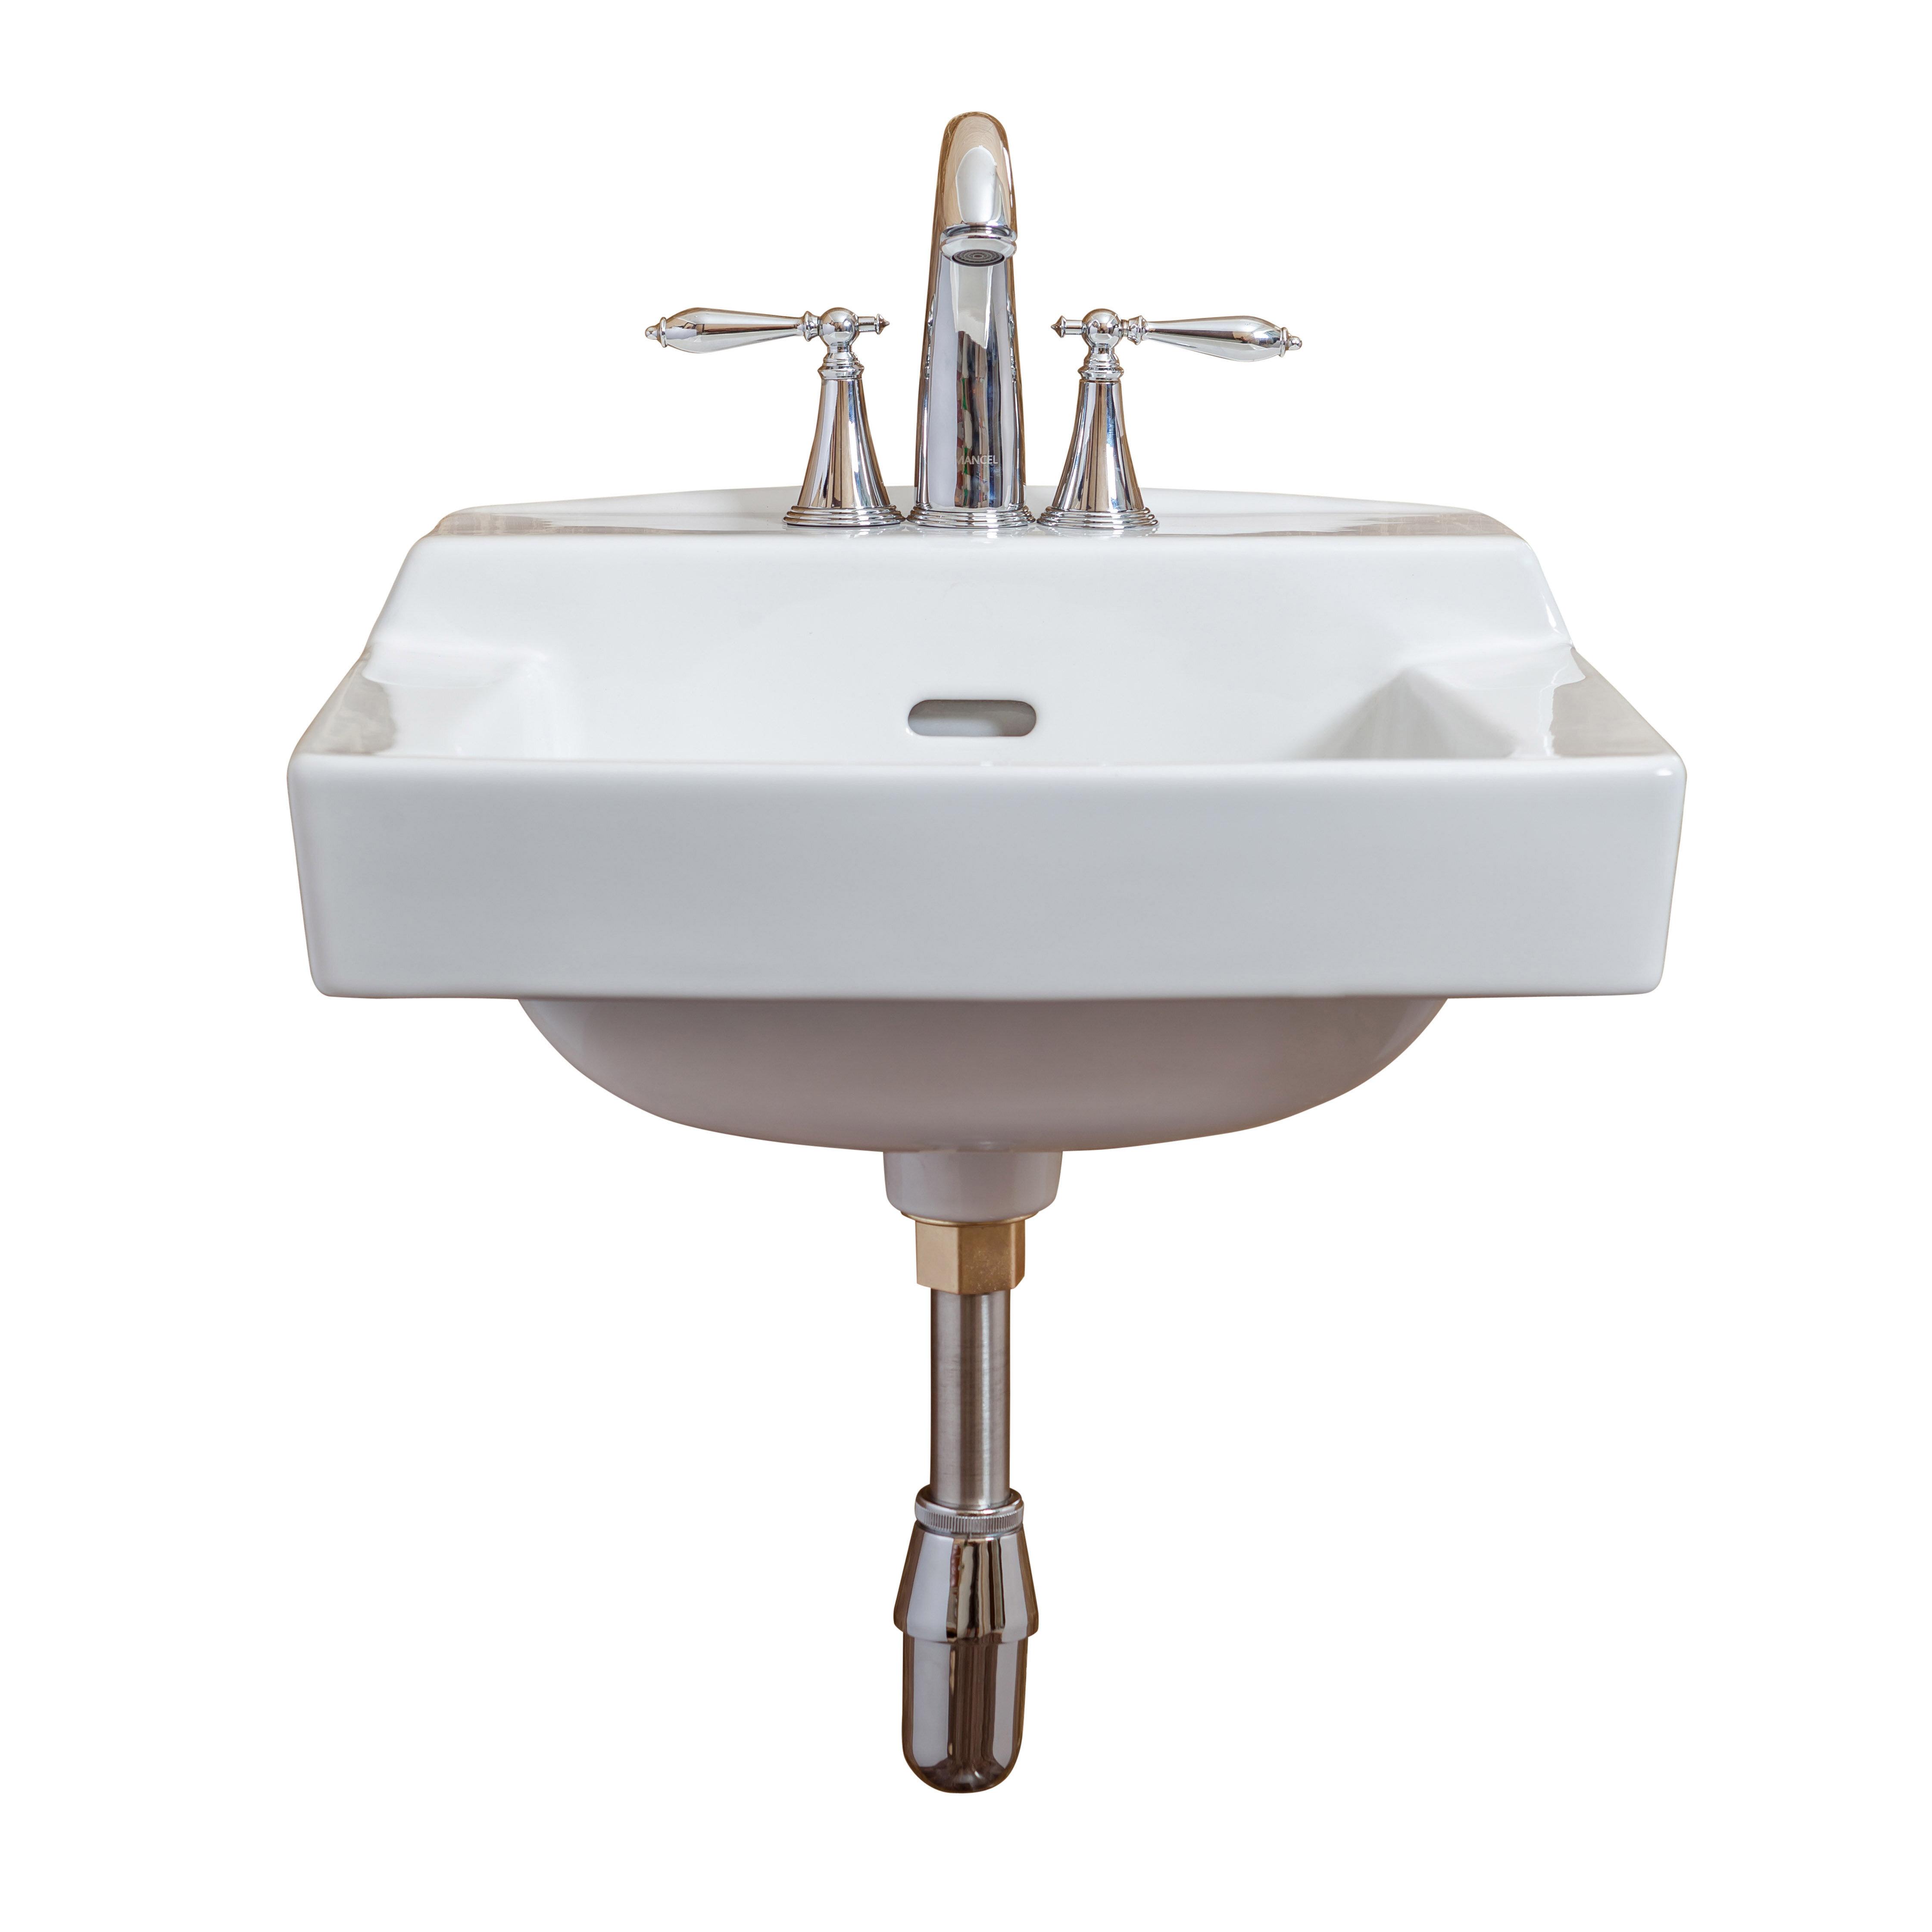 Fine Fixtures Ceramic 19 Wall Mount Bathroom Sink With Overflow Wayfair